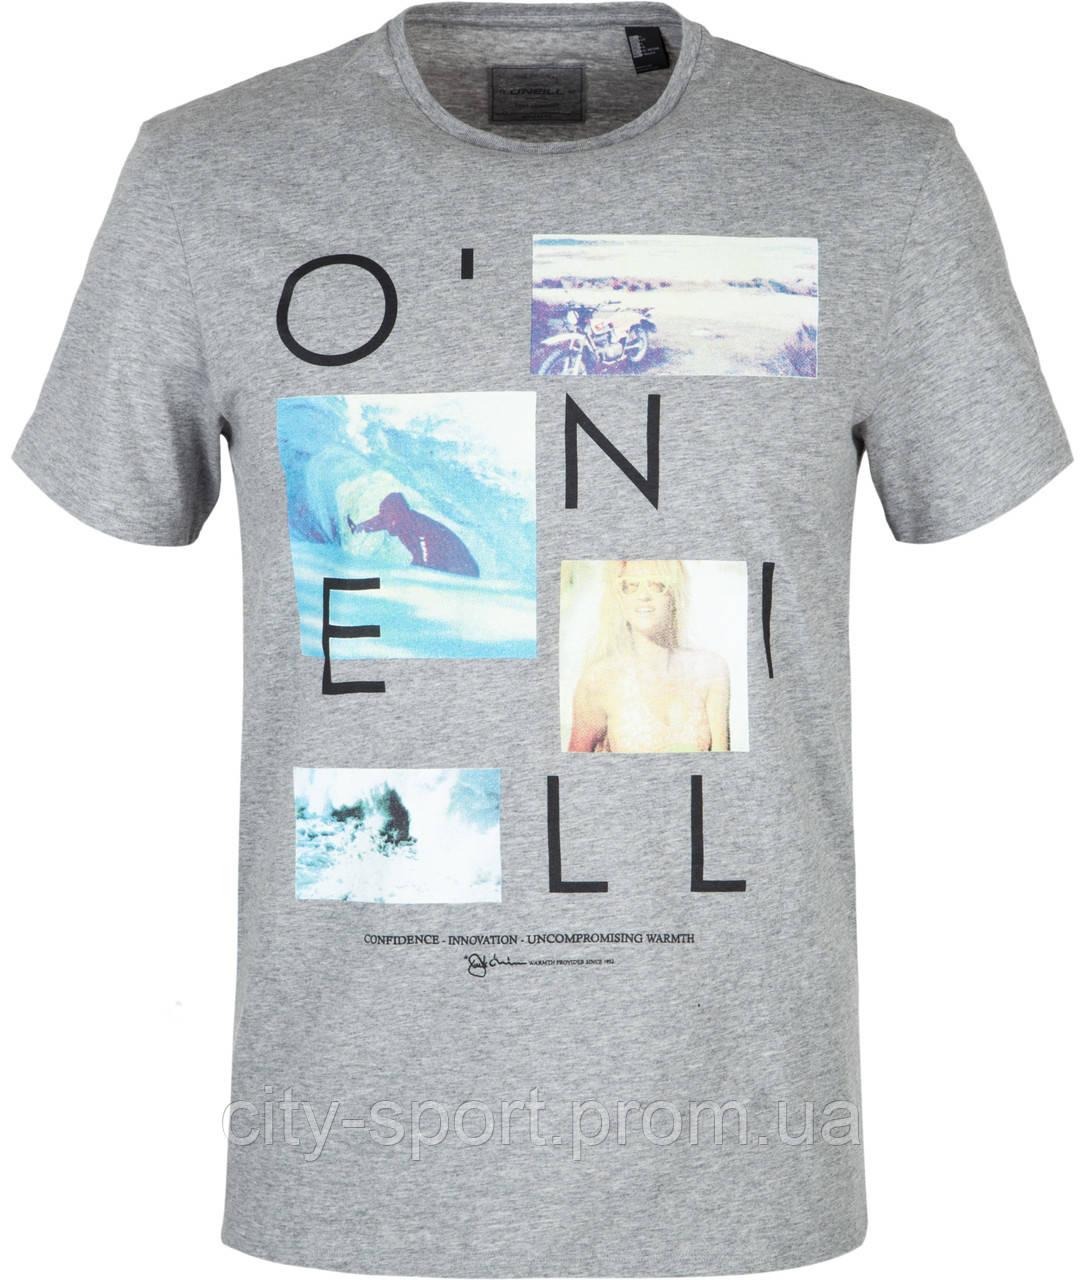 a520c9b0681ee Футболка мужская O'Neill LM NEOS T-SHIRT art. 8A3603-8001, цена 495 ...